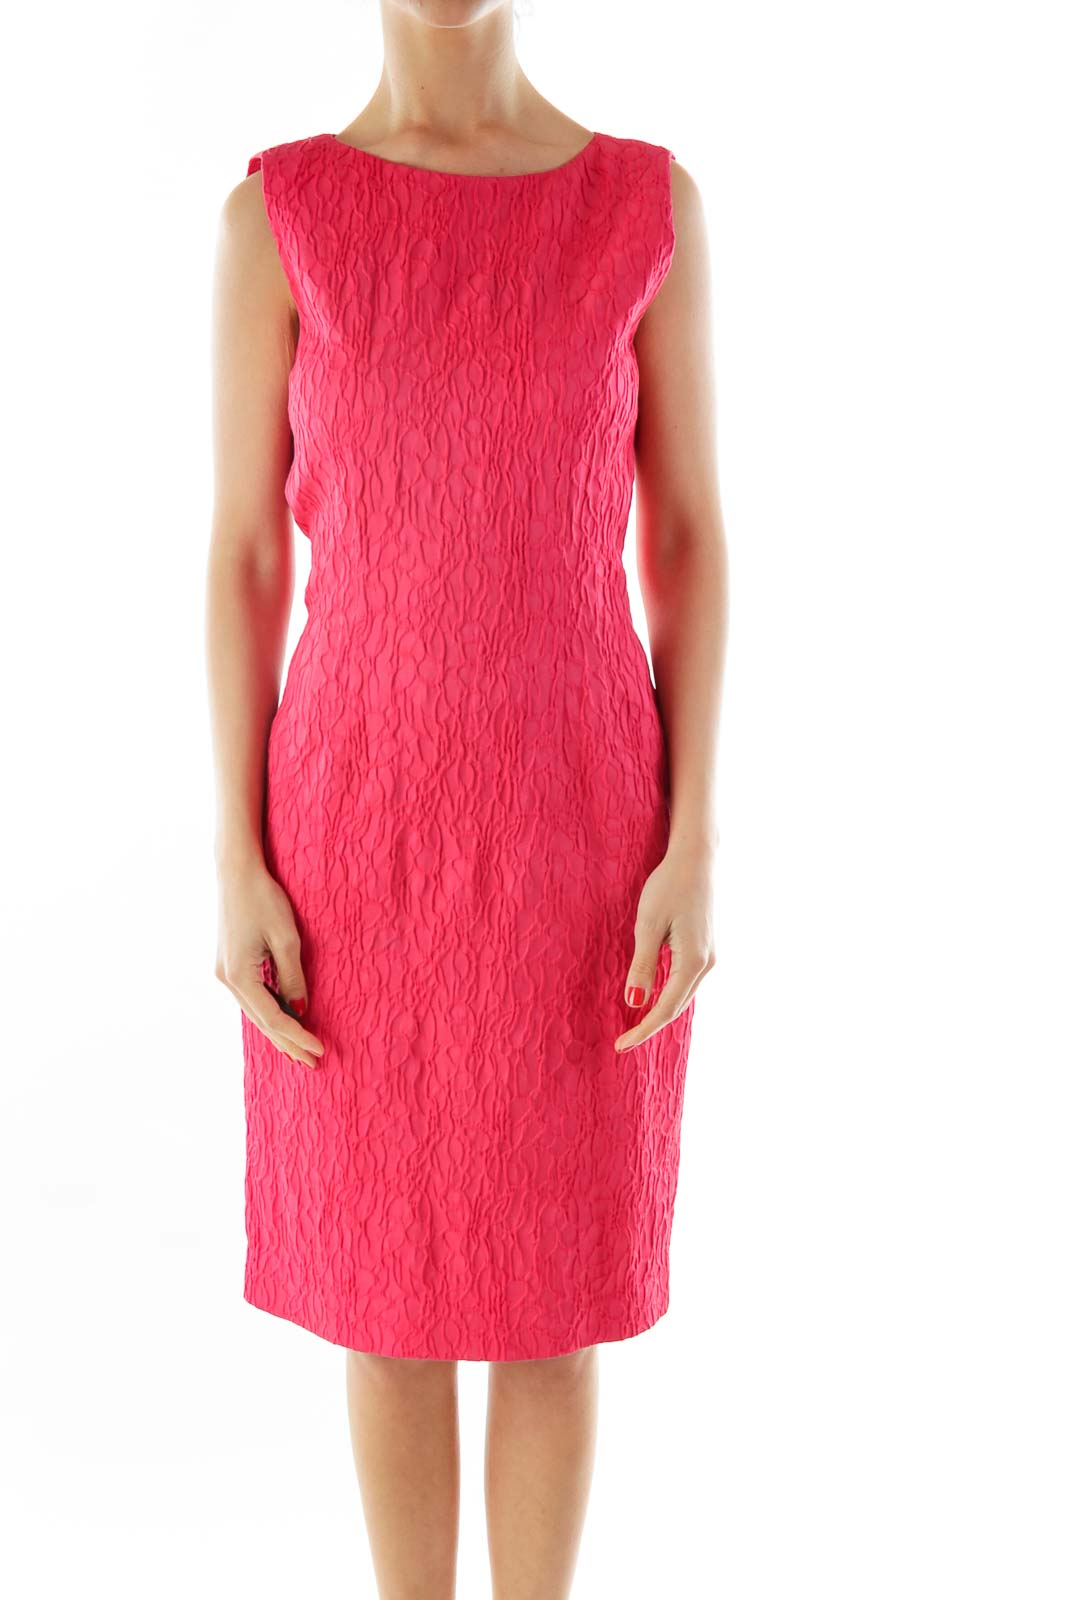 Pink Textured Sleeveless Work Dress